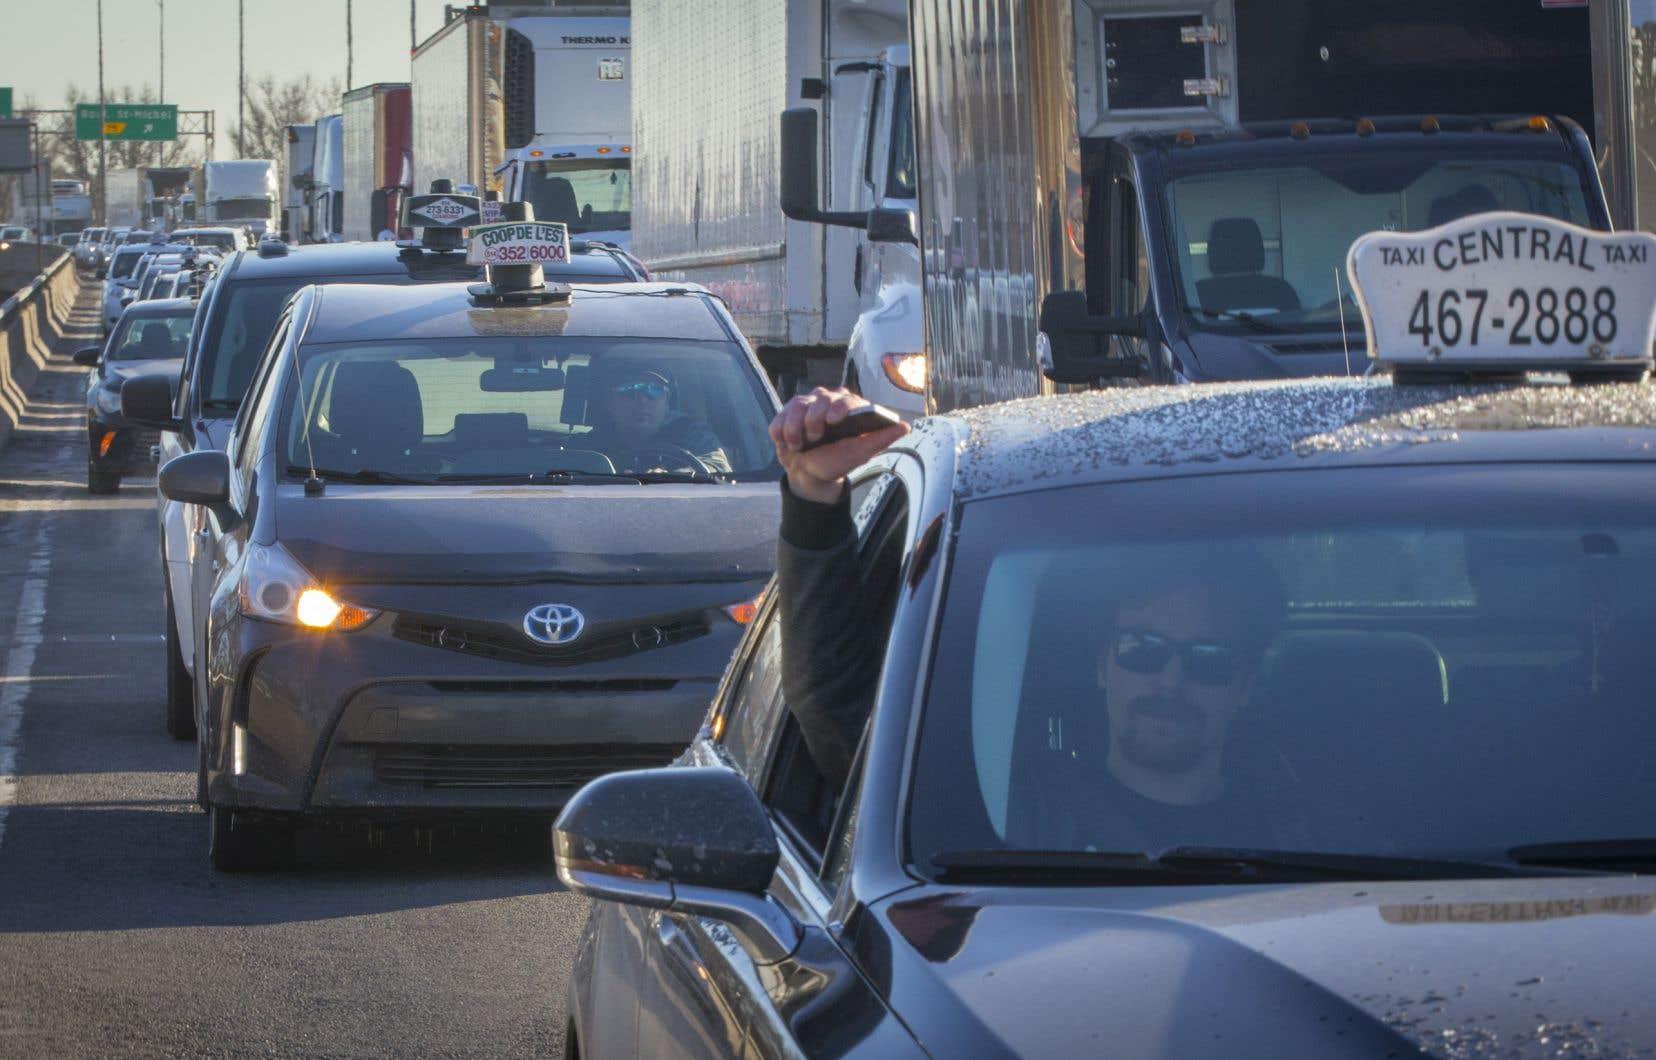 Des milliers de chauffeurs de taxi ont pris la rue, lundi matin, en pleine heure de pointe, pour manifester et ralentir la circulation sur des artères névralgiques à travers le Québec.